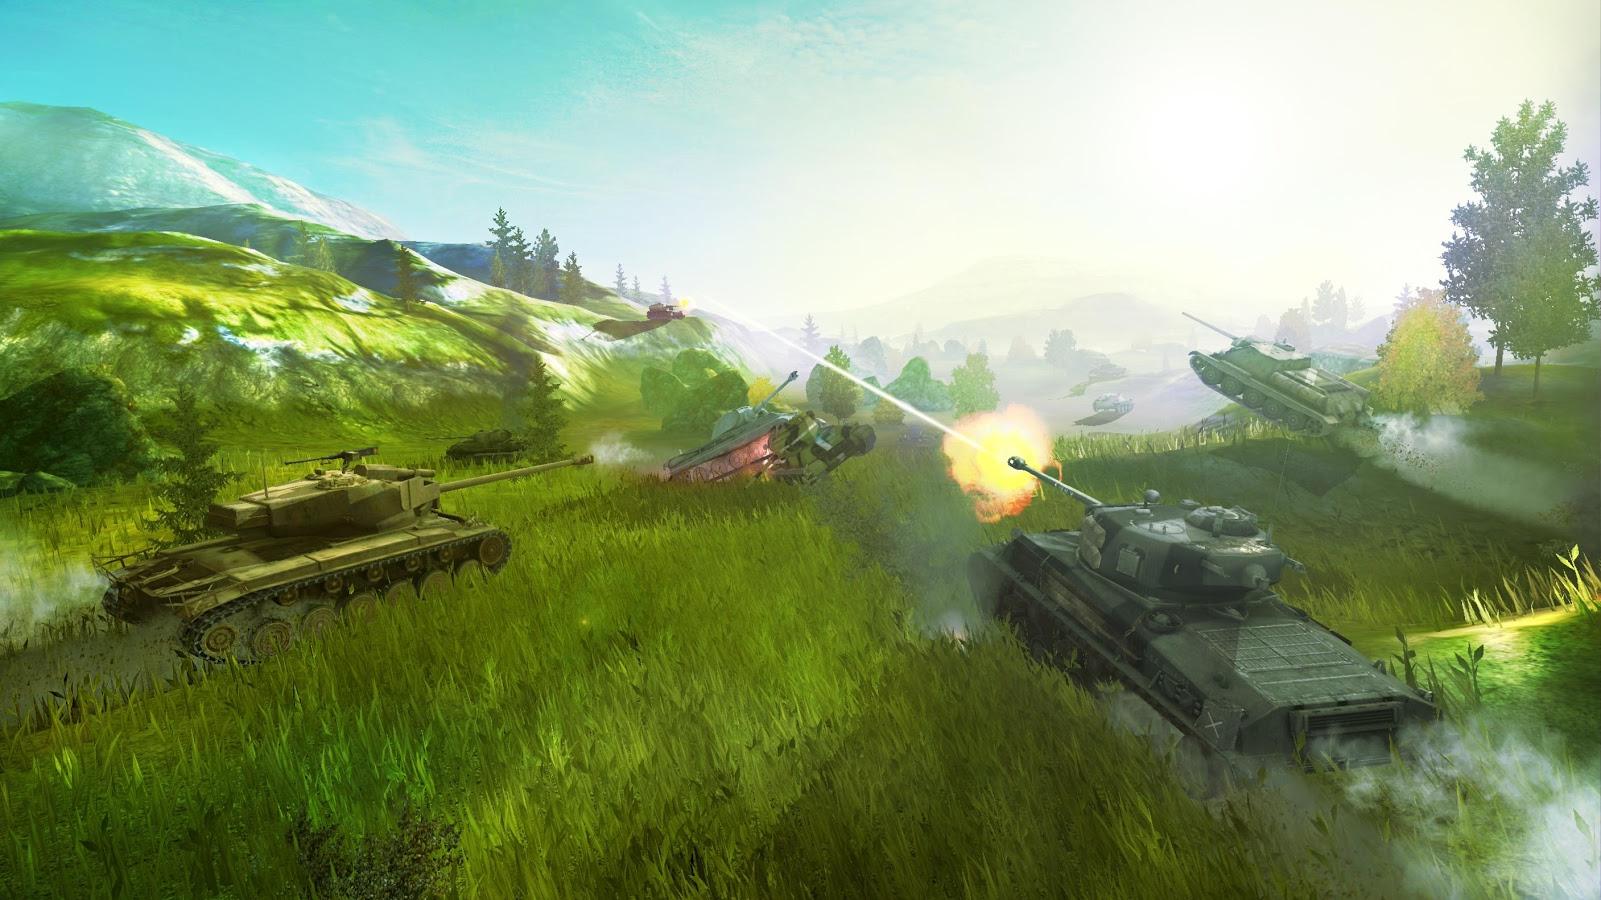 Картинка wot танки китайские blitz, type 59 игры снег 2524x2524.